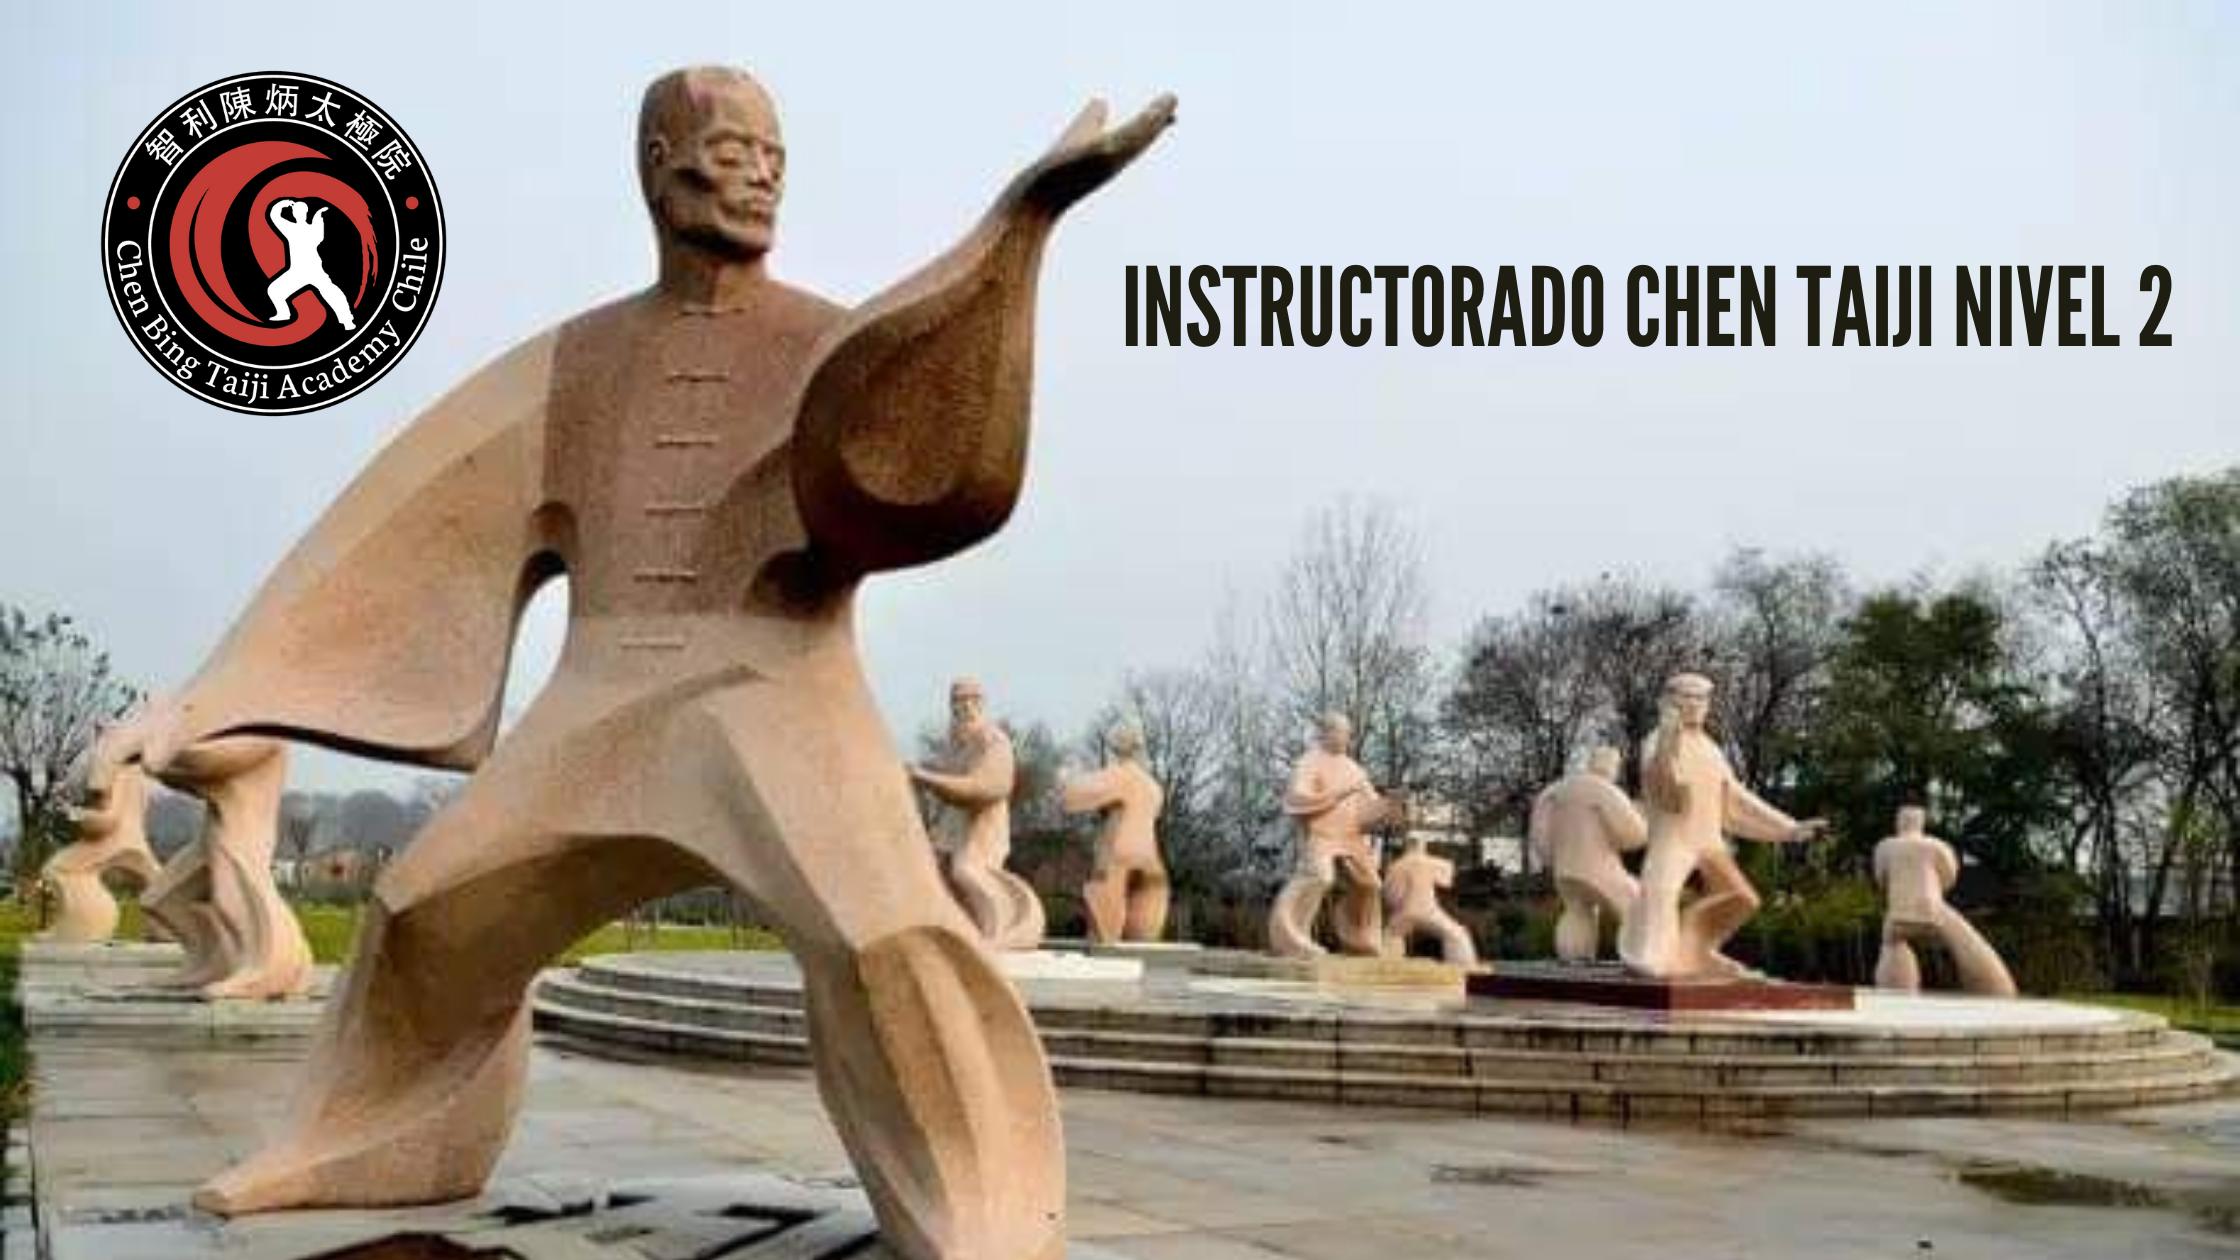 Instructorado Chen Taiji nivel 2